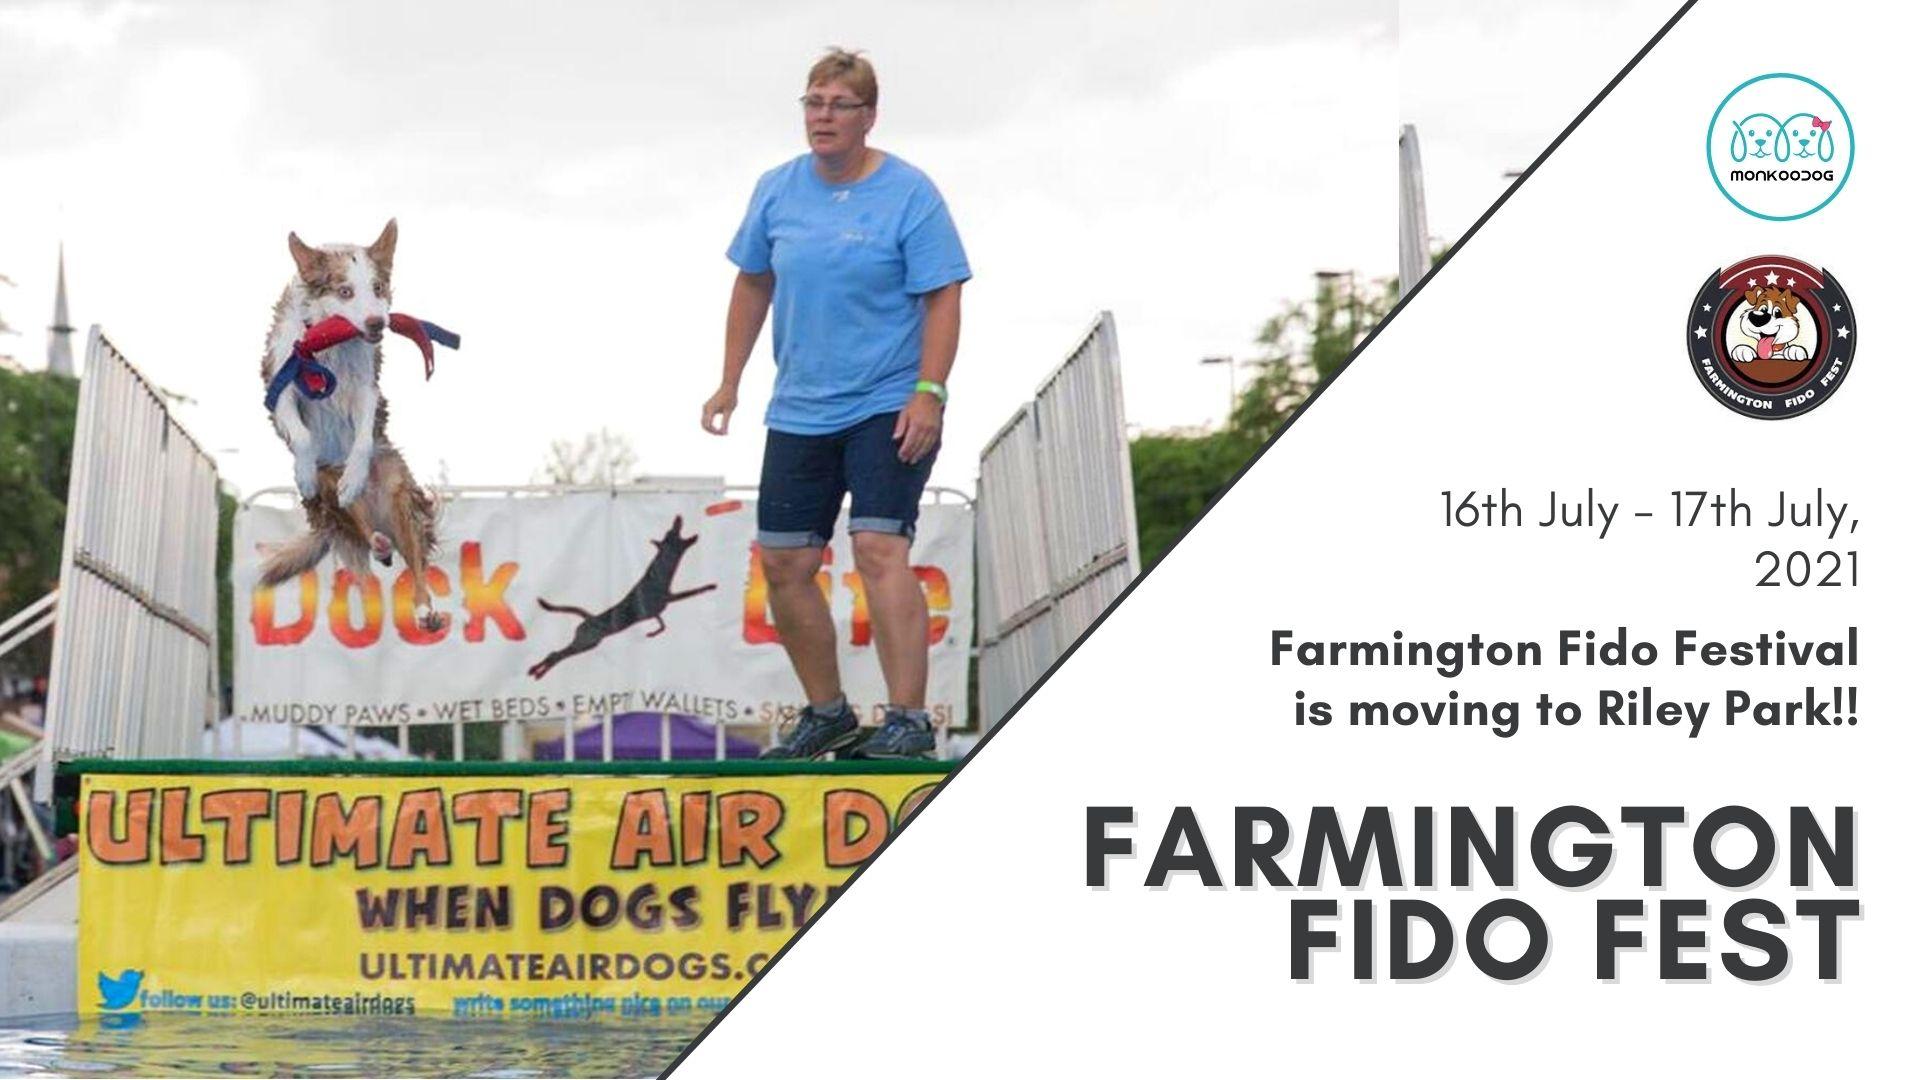 Upcoming Dog Event Farmington Fido Fest moving to Riley Park.